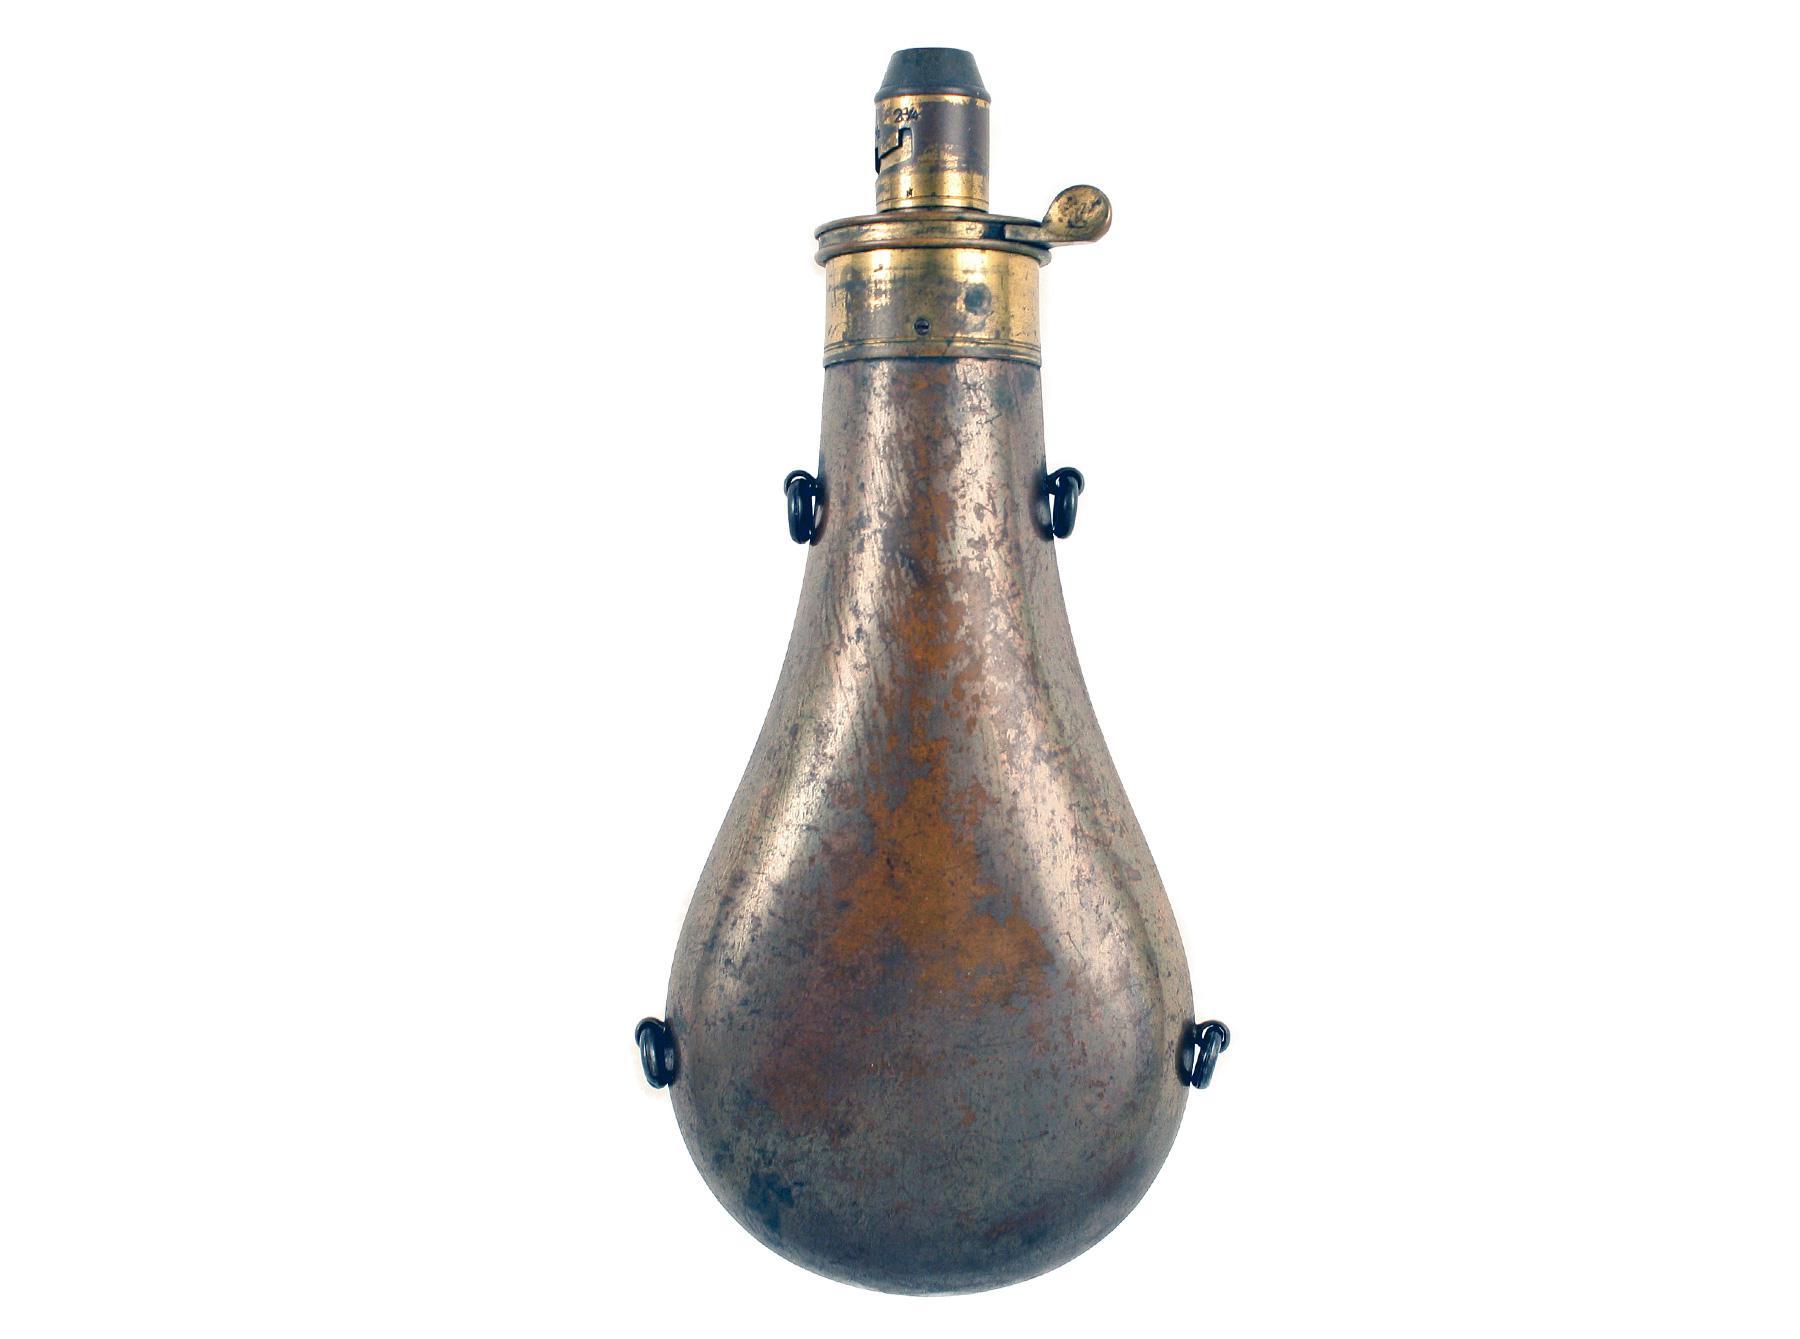 A Plain Powder Flask by Hawksley